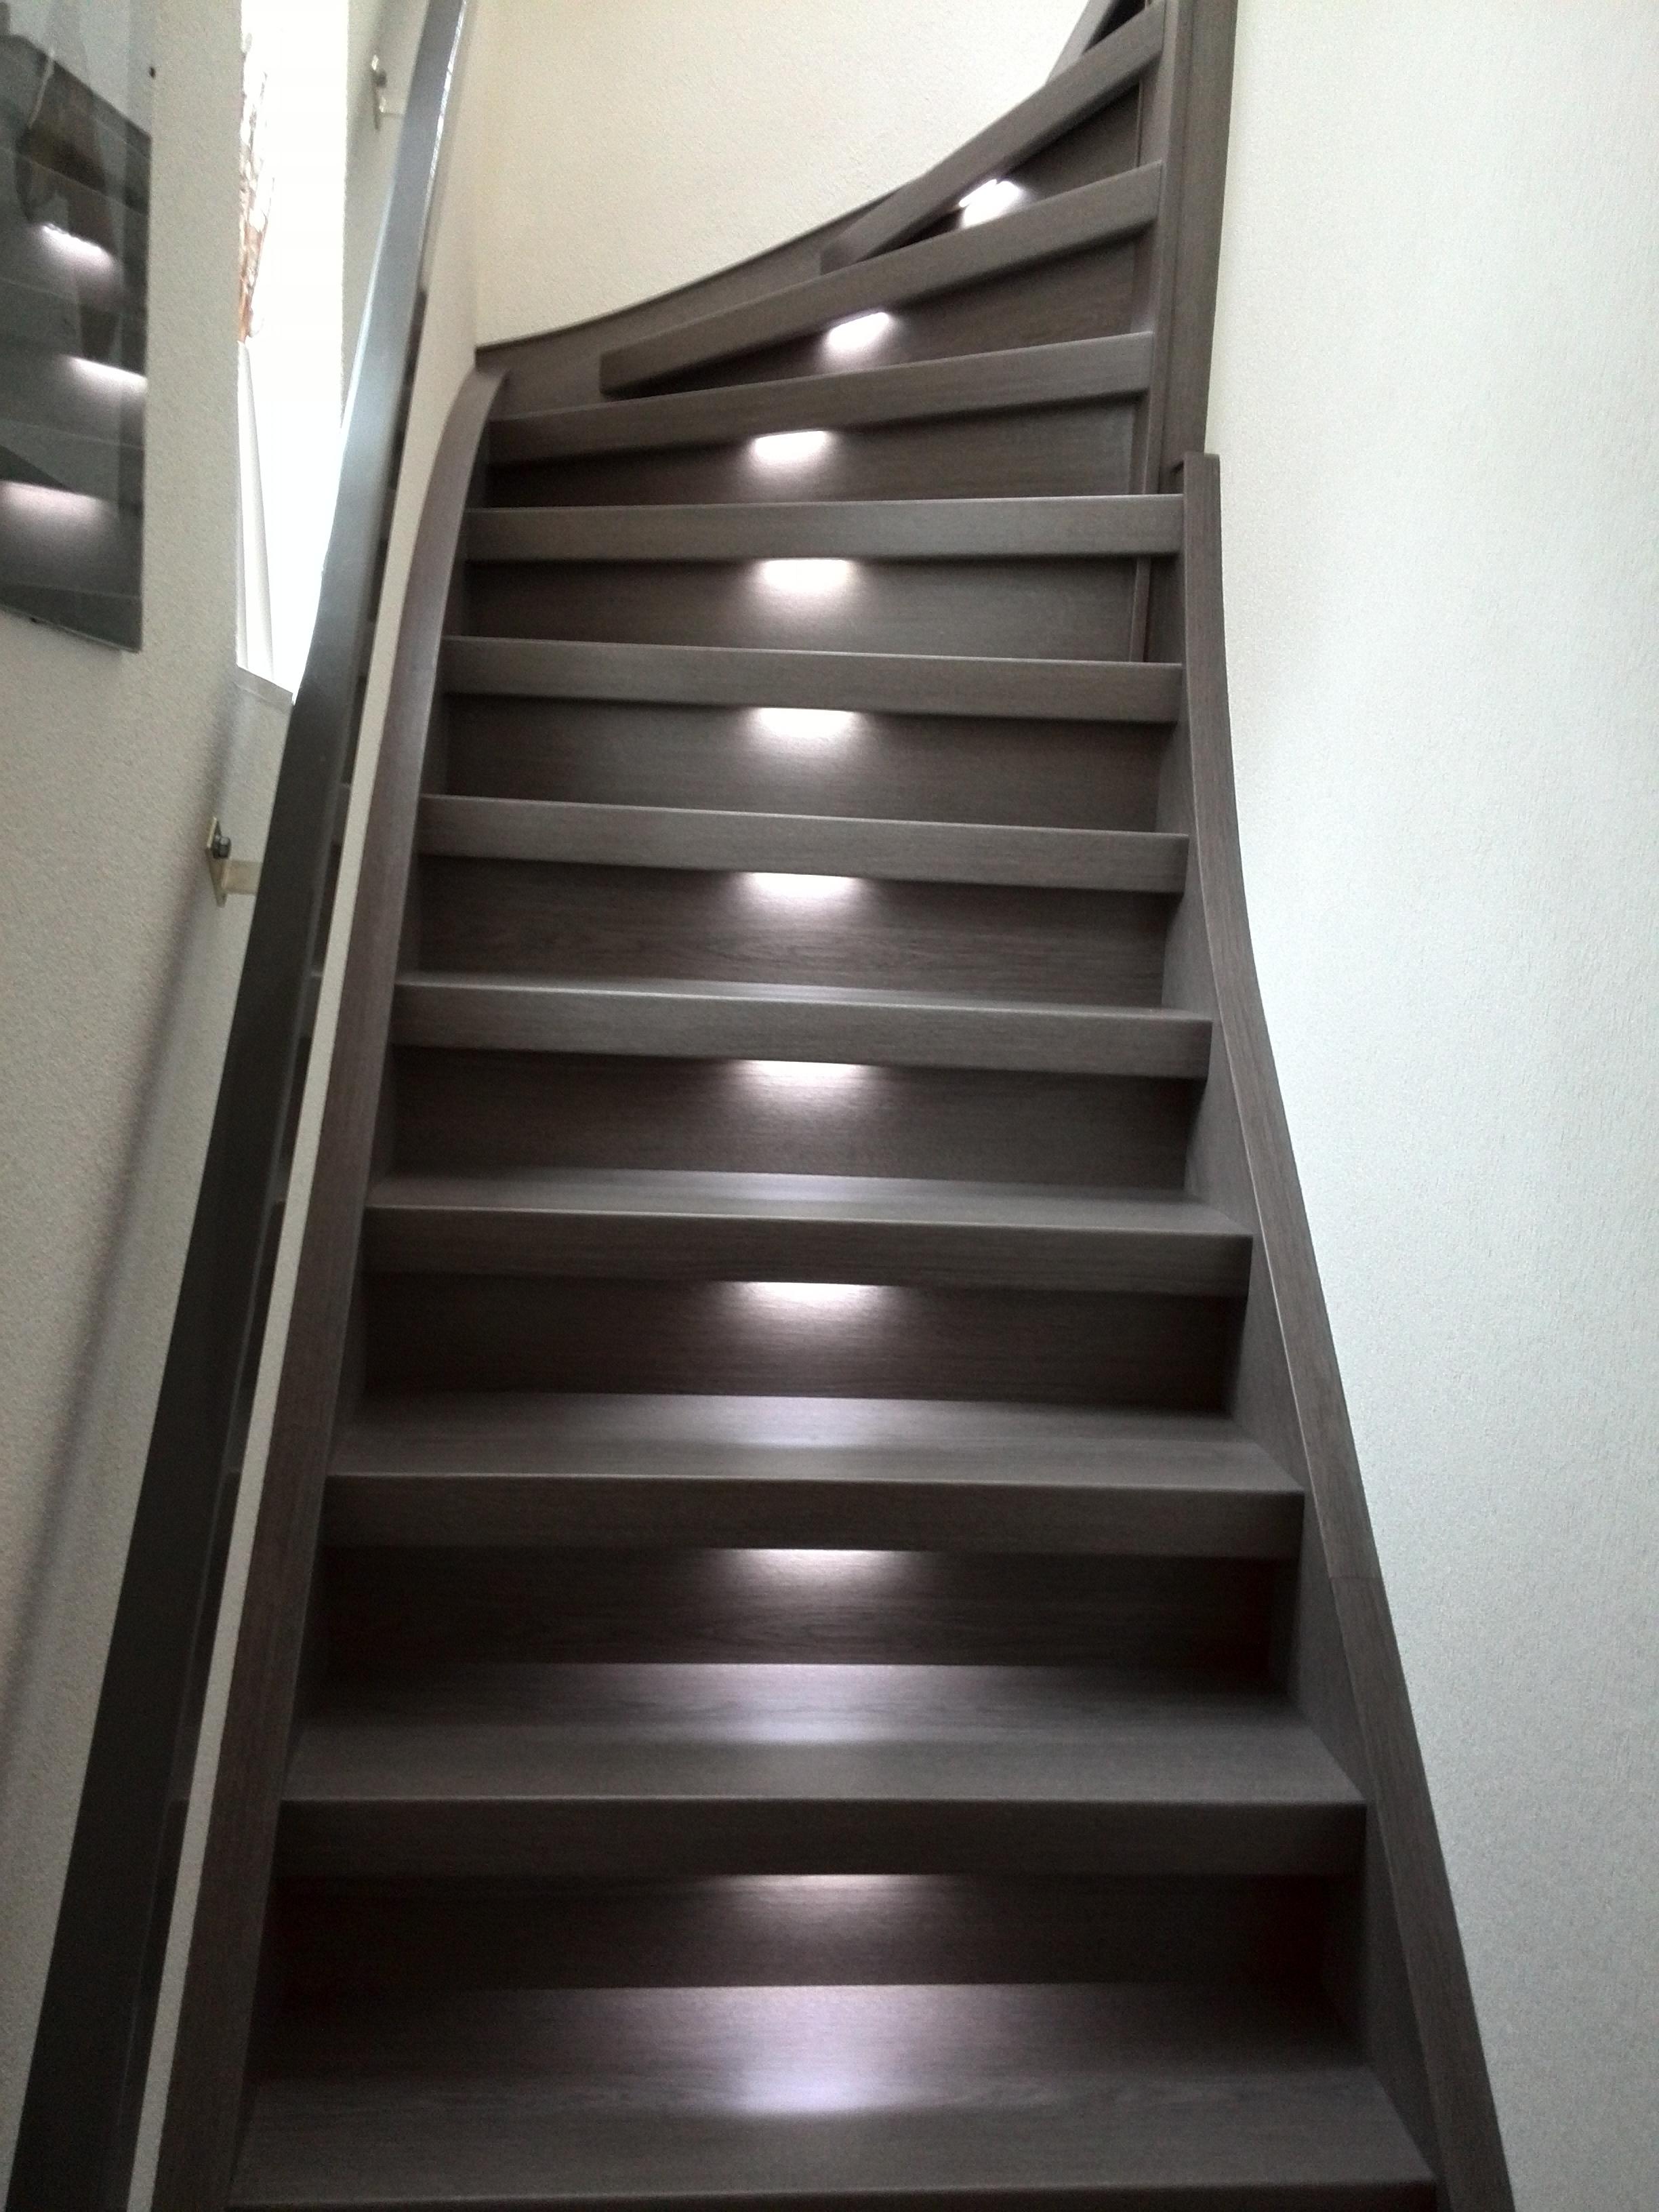 led verlichting is erg zuinig hierdoor kunt u kosten besparen op uw energierekening